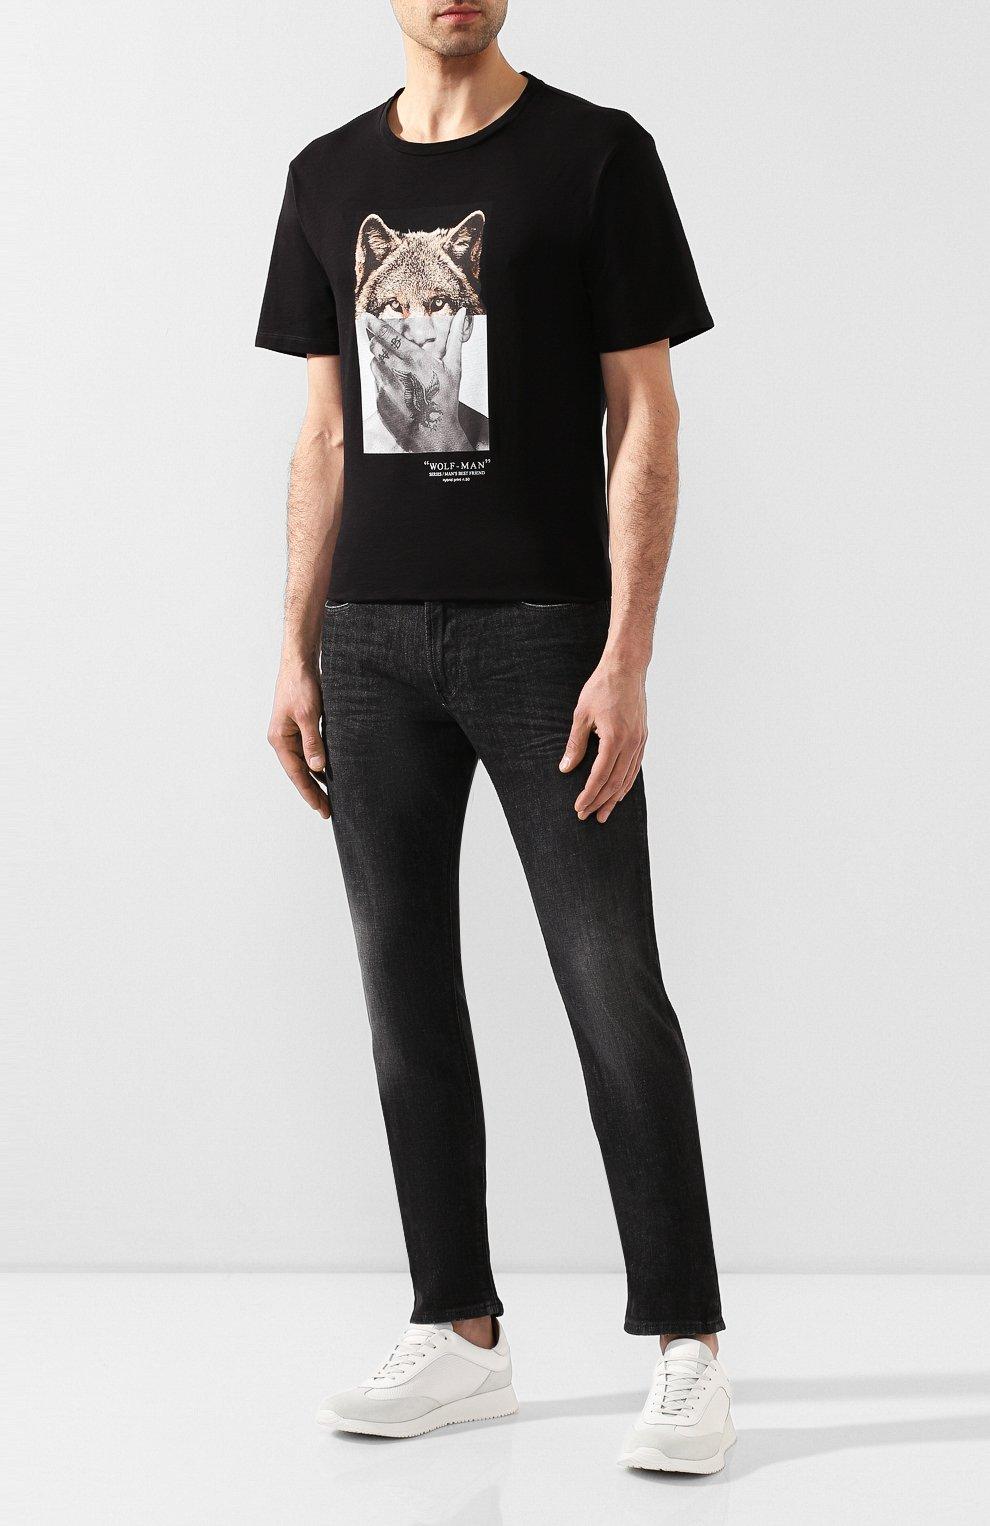 Мужские джинсы прямого кроя EMPORIO ARMANI серого цвета, арт. 8N1J06/1DT5Z | Фото 2 (Силуэт М (брюки): Прямые; Длина (брюки, джинсы): Стандартные; Материал внешний: Хлопок)